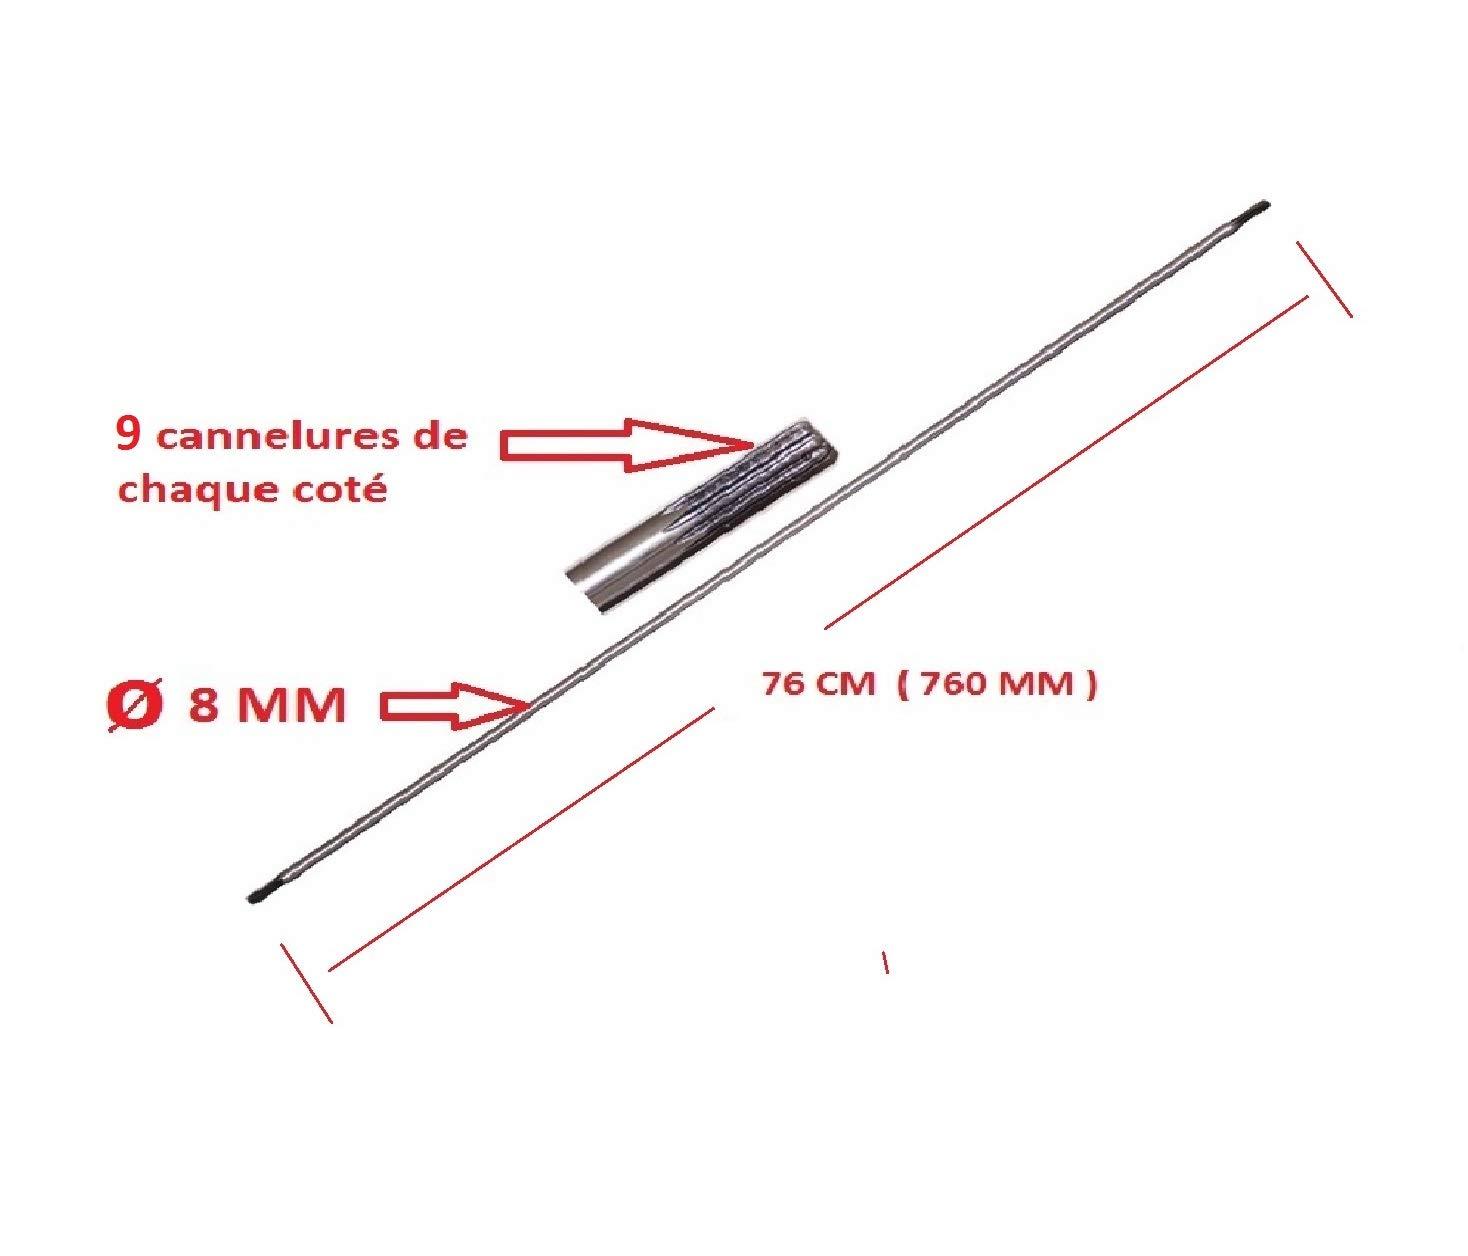 Motoculture-Online Axe de Transmission (entraînement) 9 cannelures ...